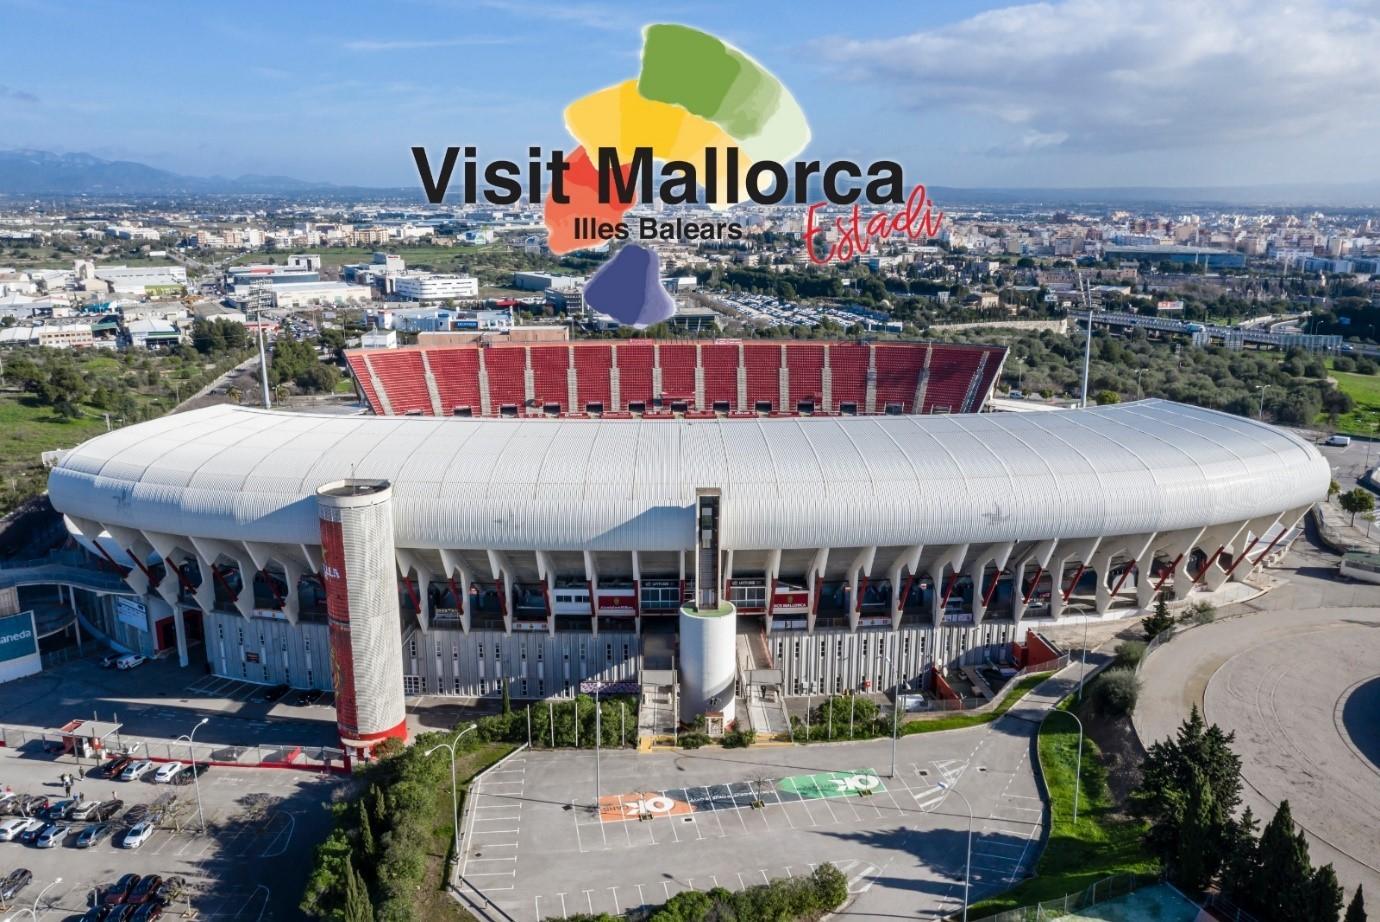 皇家马略卡主场更名,空场对西甲安保提出新挑战